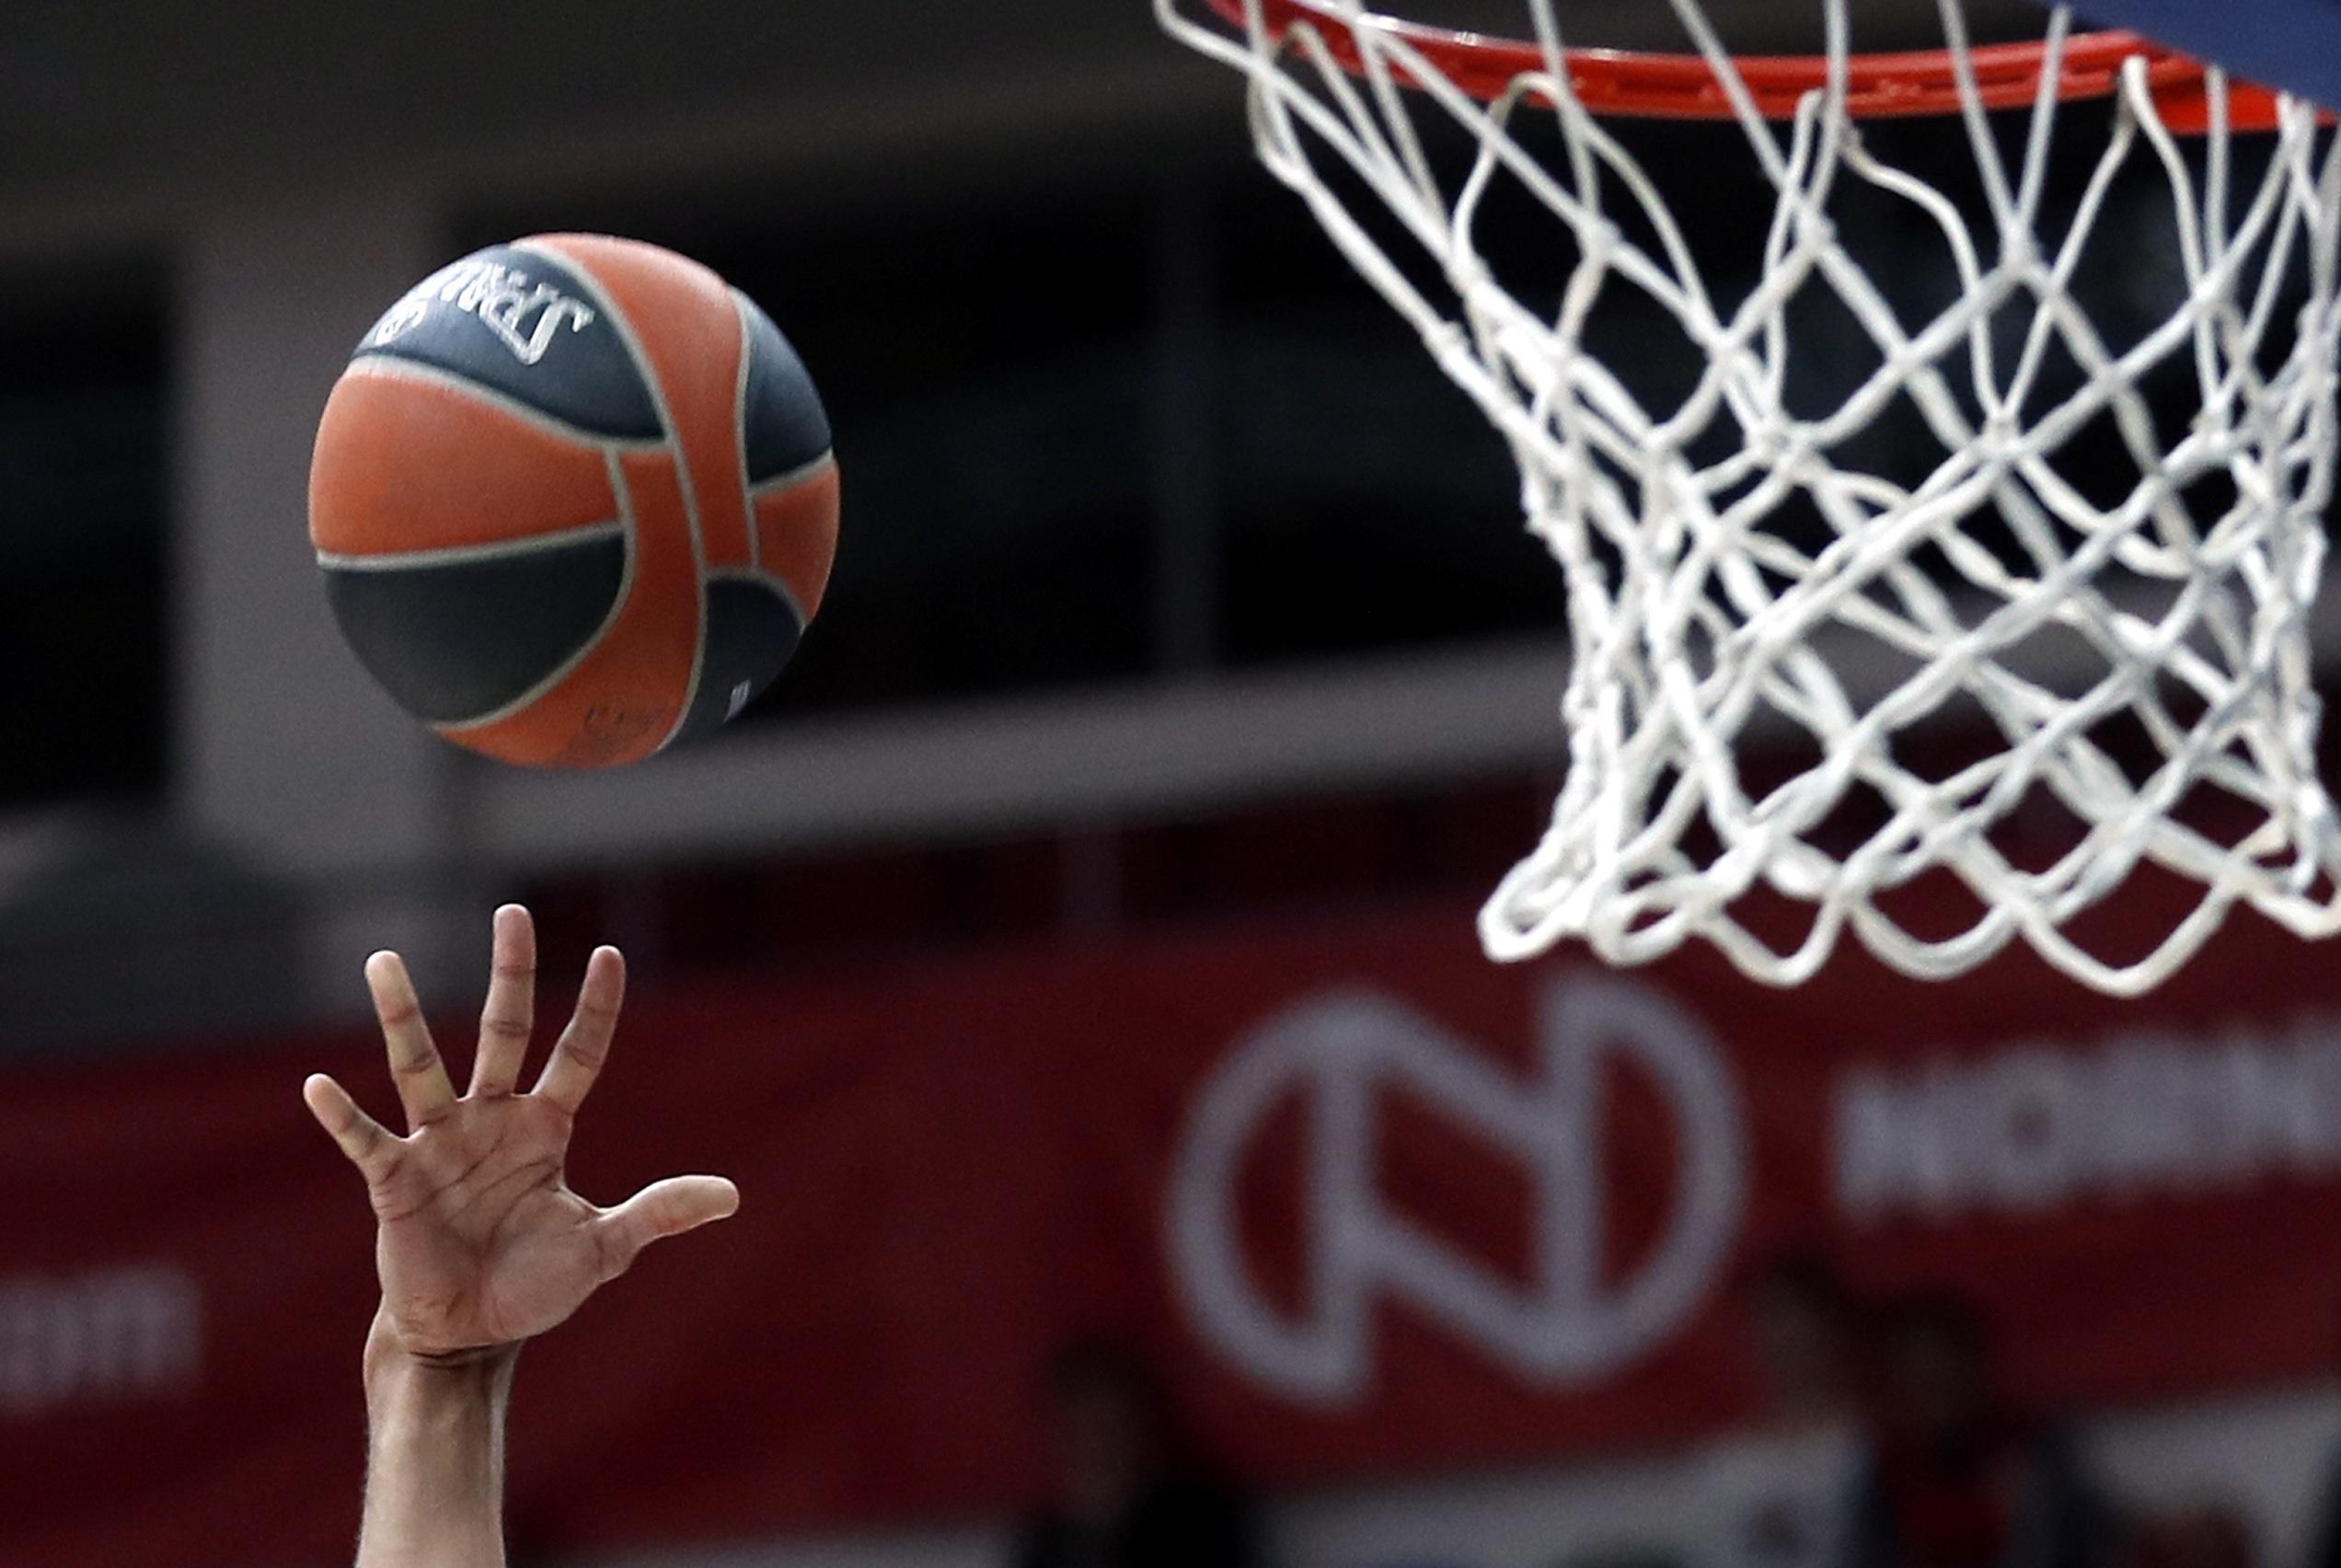 El CSD concede 10 millones de euros en ayudas a los clubes de baloncesto y balonmano